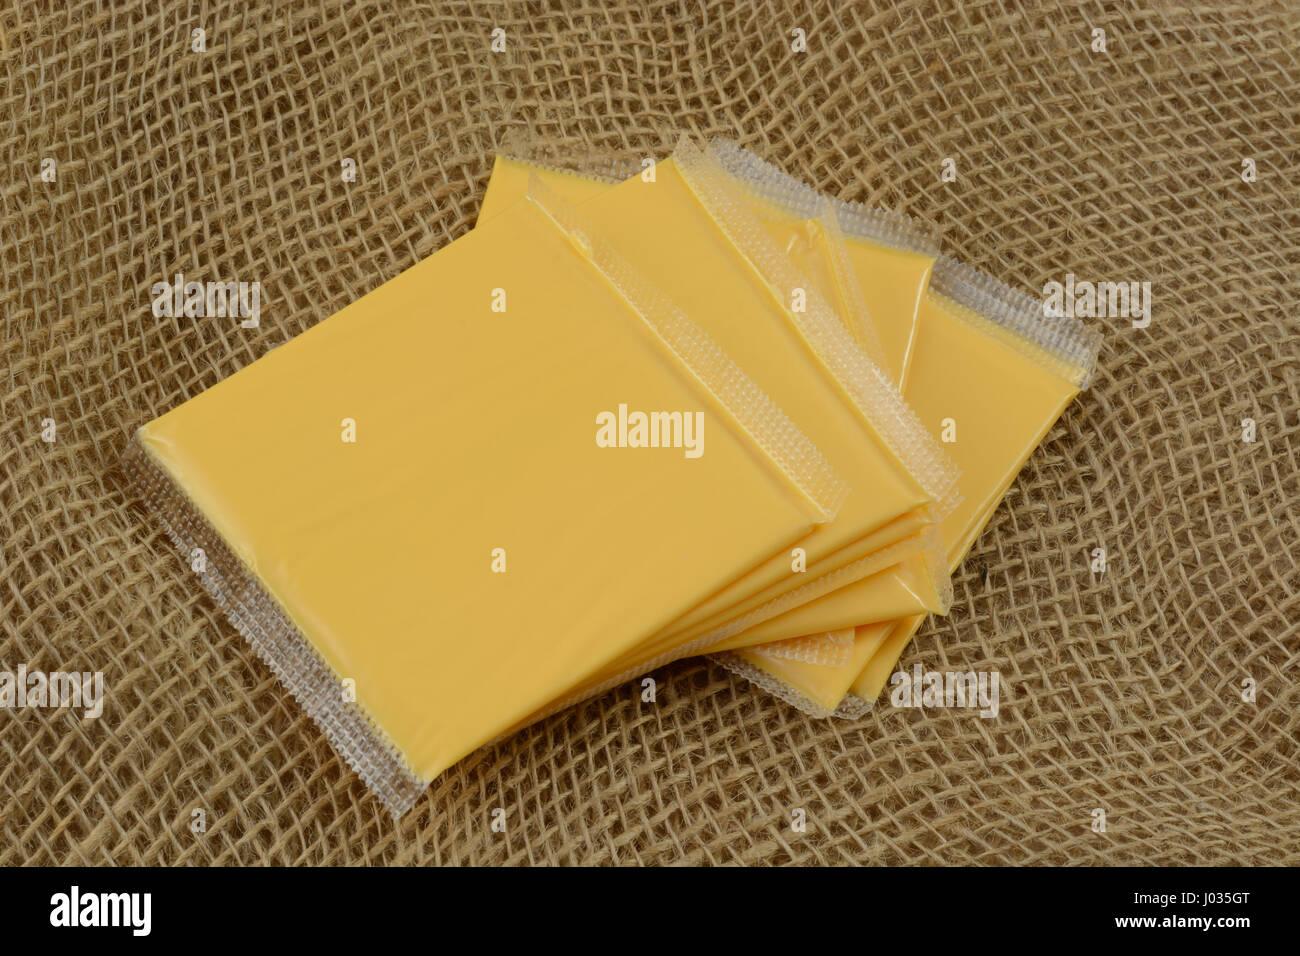 Stapel von amerikanischen Käsescheiben in Kunststoffverpackungen auf Sackleinen Stockbild